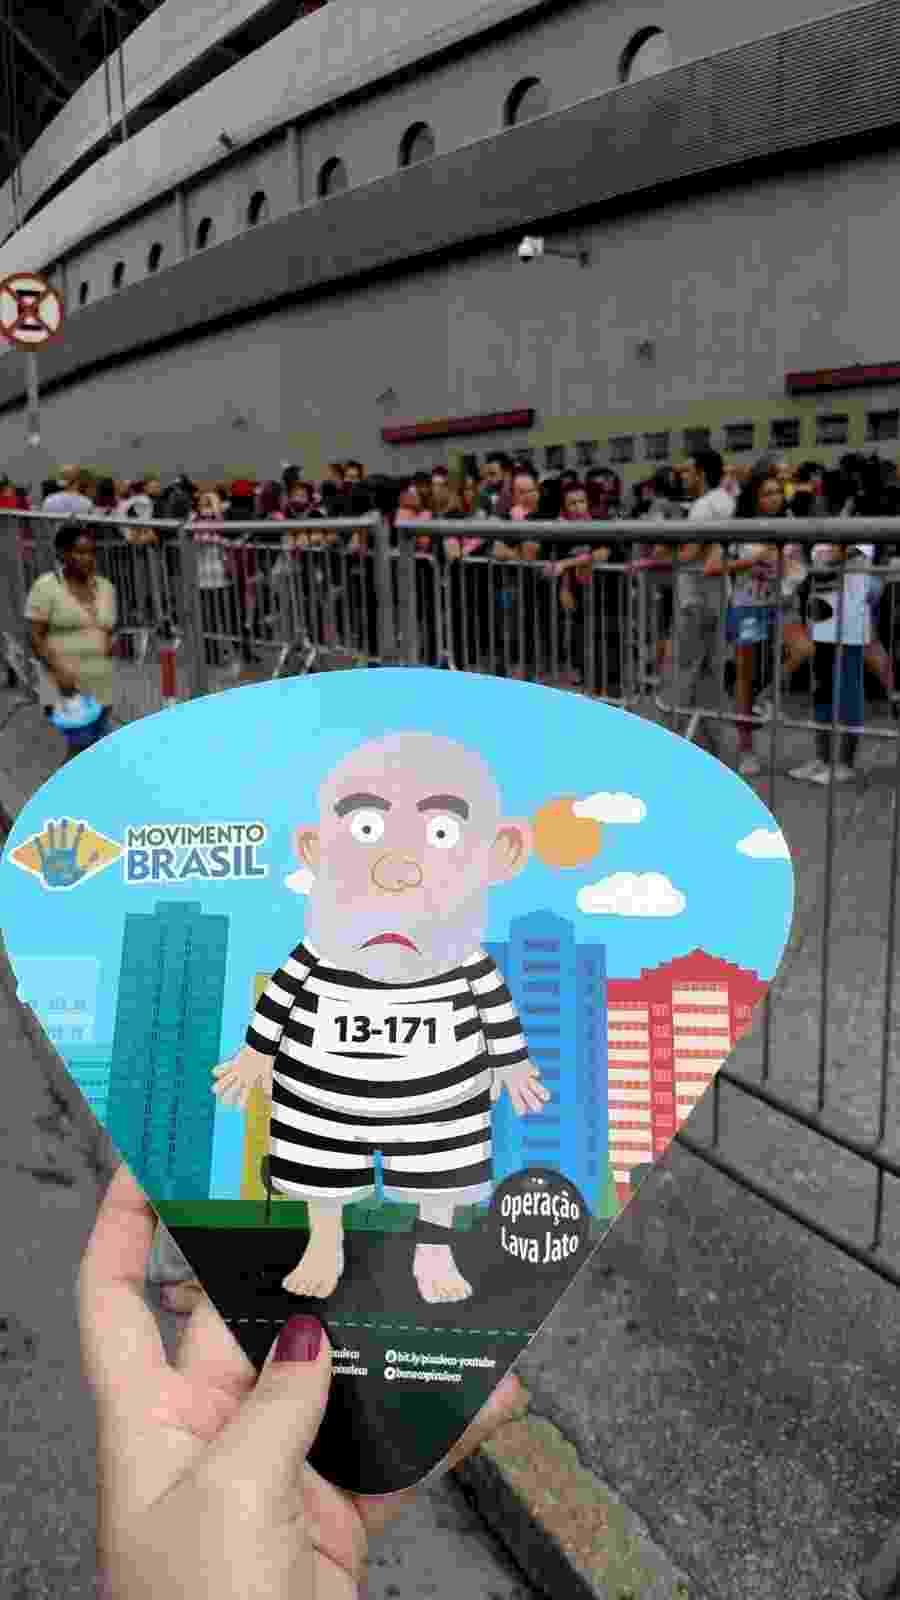 27.fev.2016 - Militantes distribuem panfletes em frente ao estádio do Morumbi, em São Paulo, antes do show dos Rolling Stones, convocando as pessoas para uma manifestação contra a corrupção - Renata Nogueira/UOL